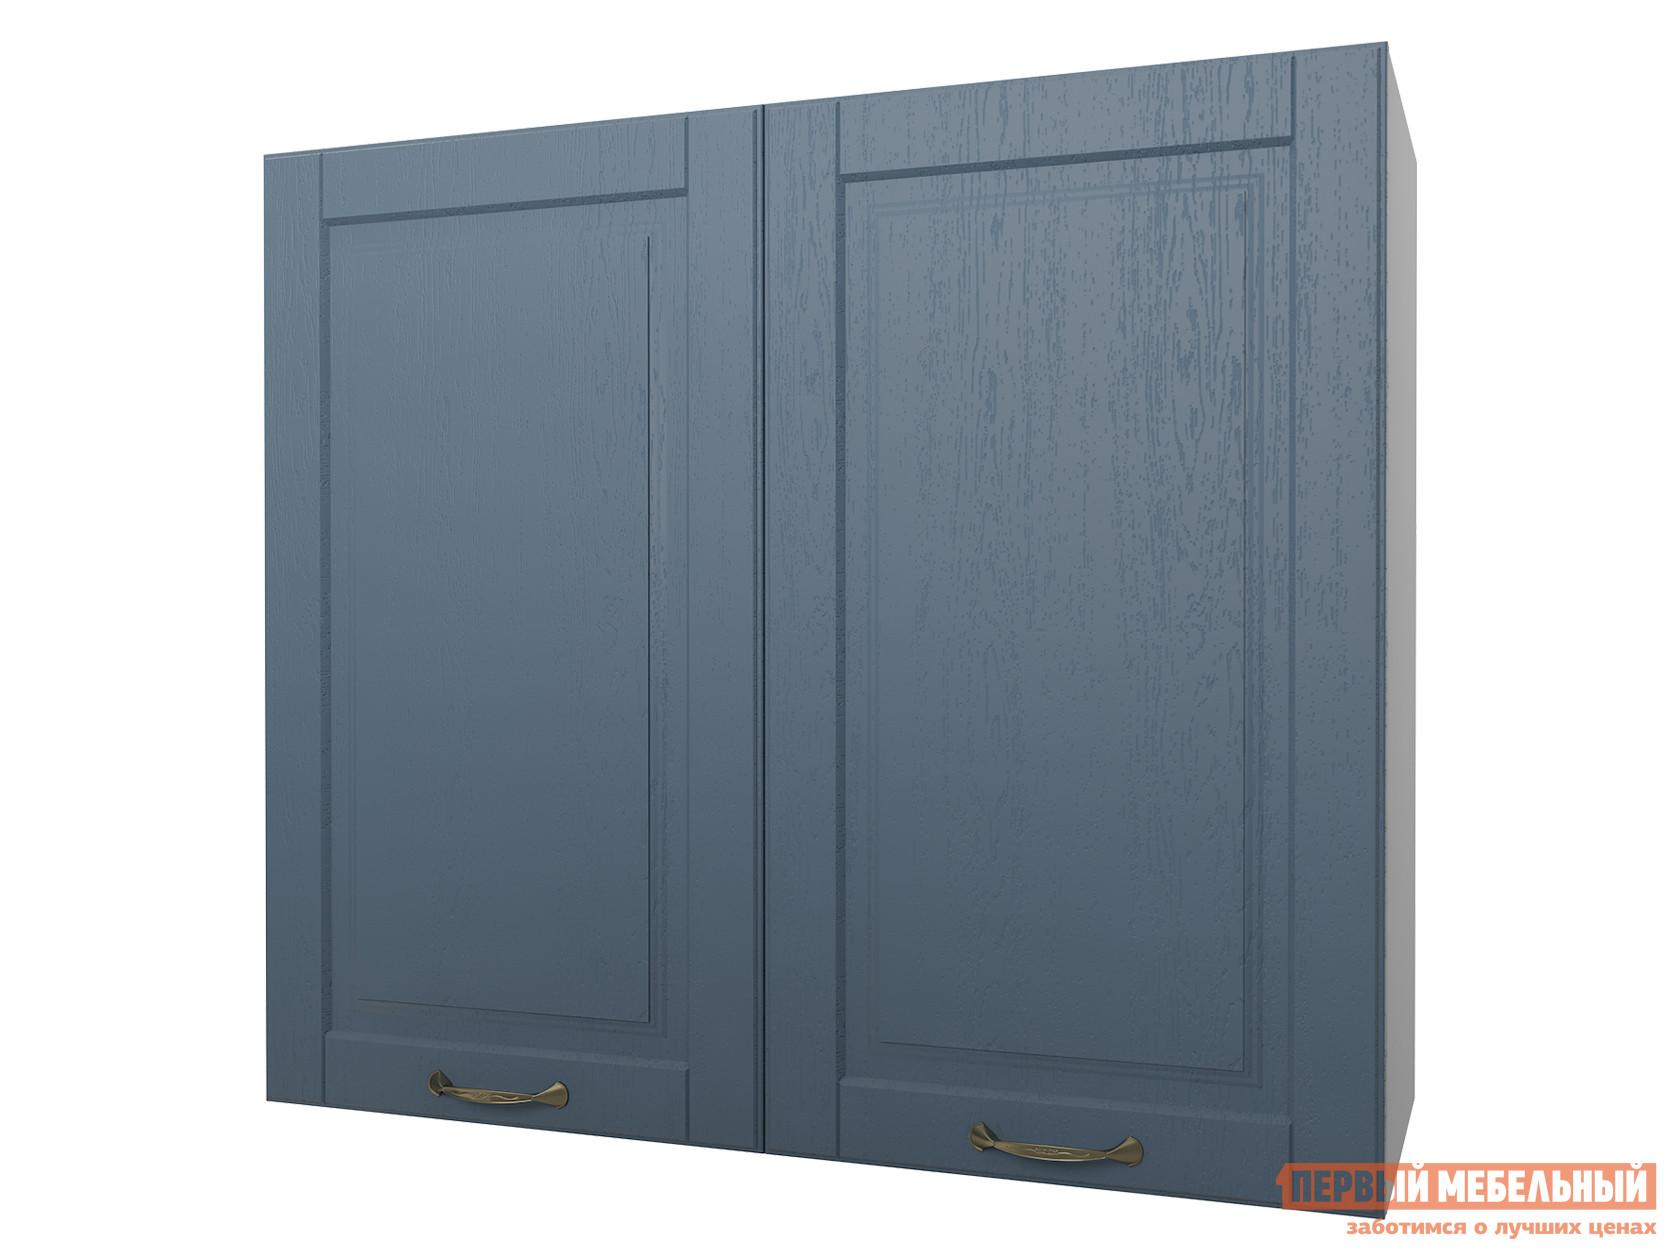 Кухонный модуль Первый Мебельный Шкаф 2 двери 80 см Палермо